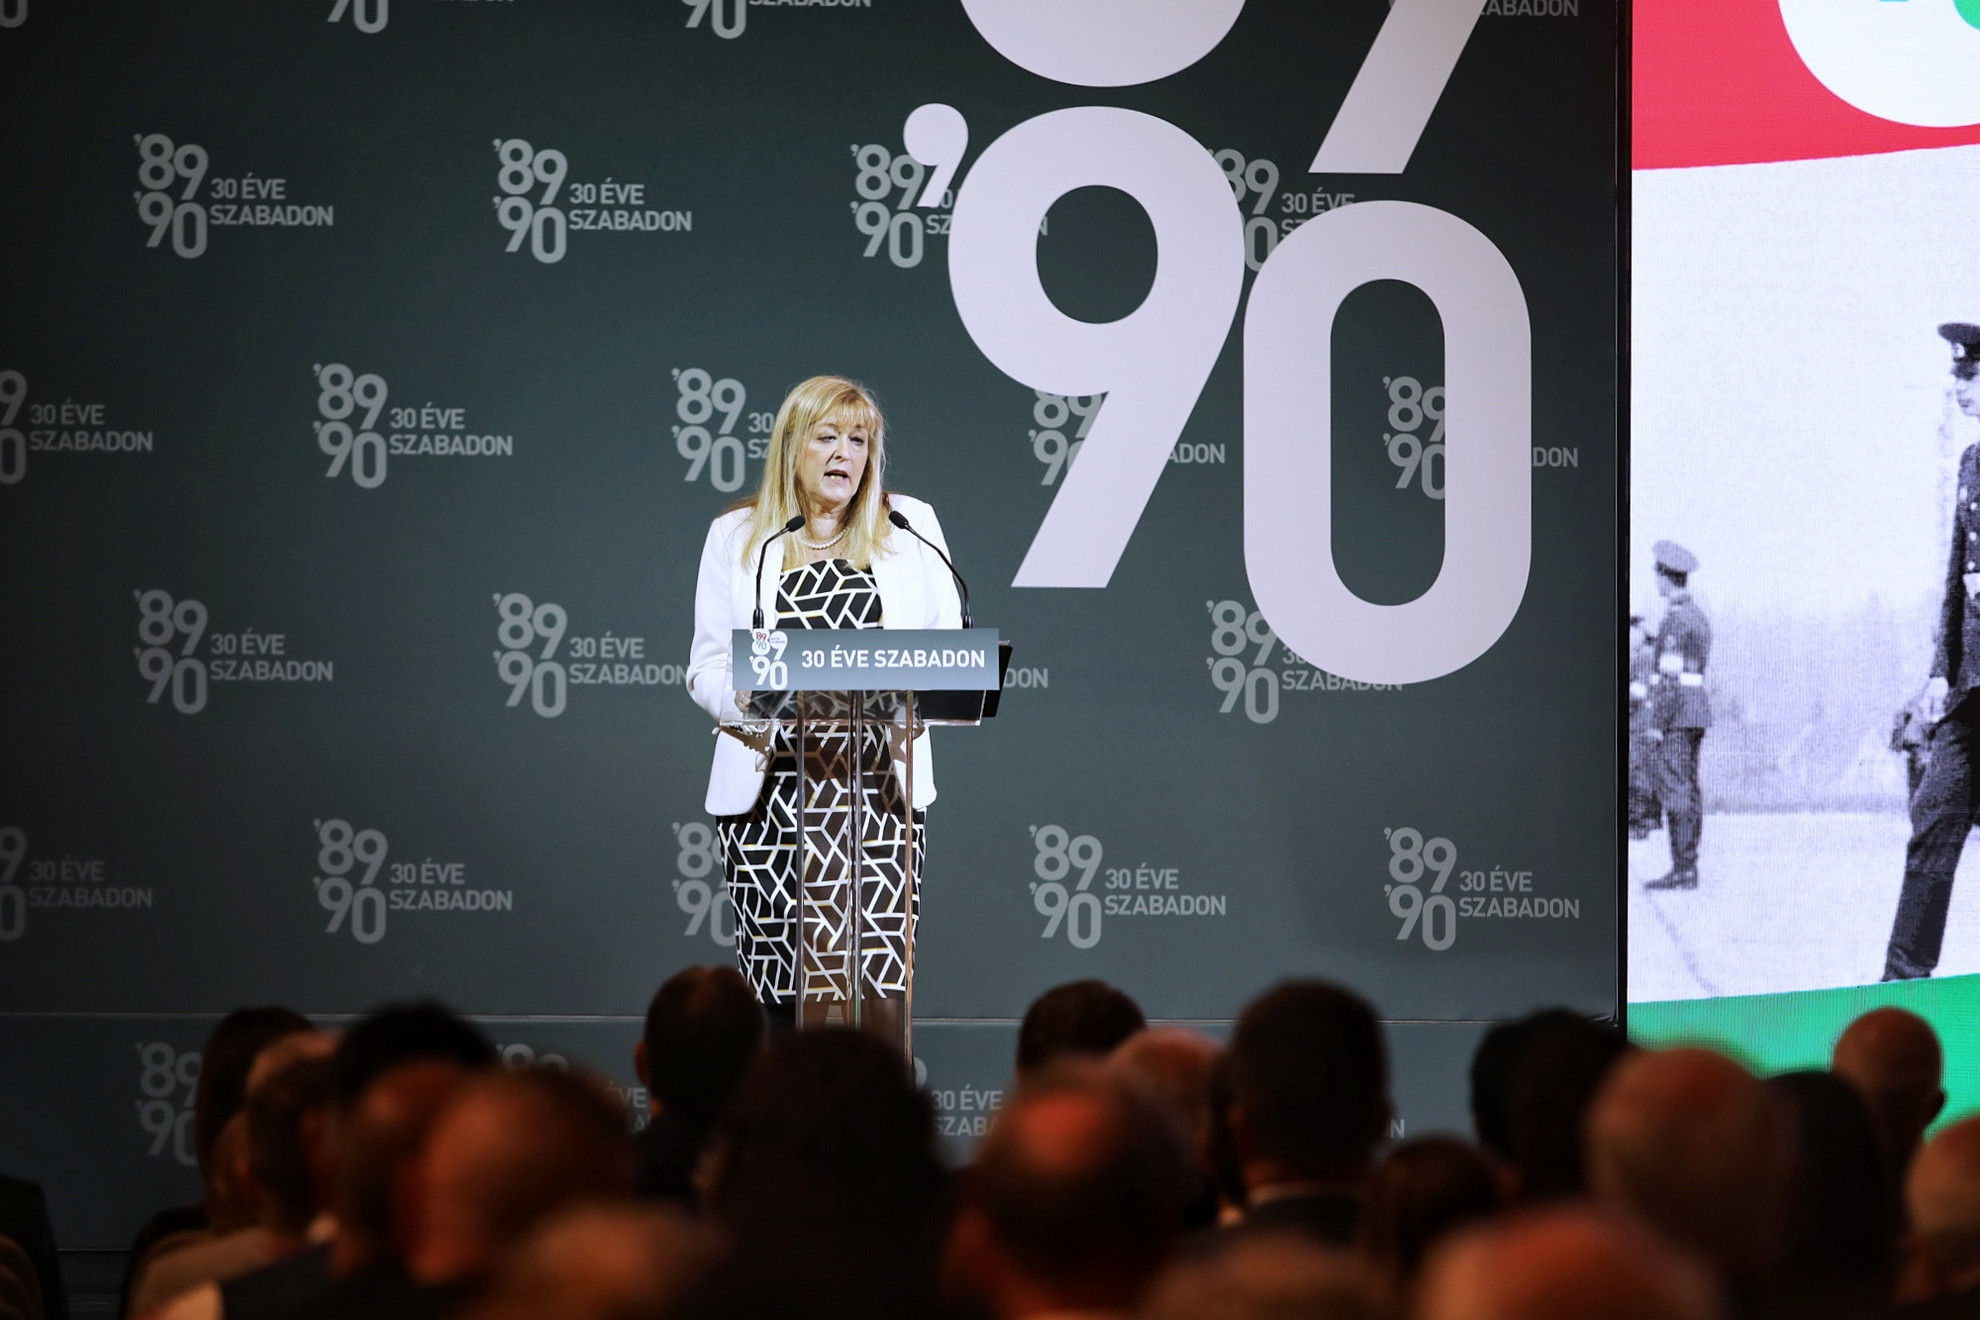 Schmidt Mária, a 30 éve szabadon emlékév kormánybiztosaként mondott beszédet